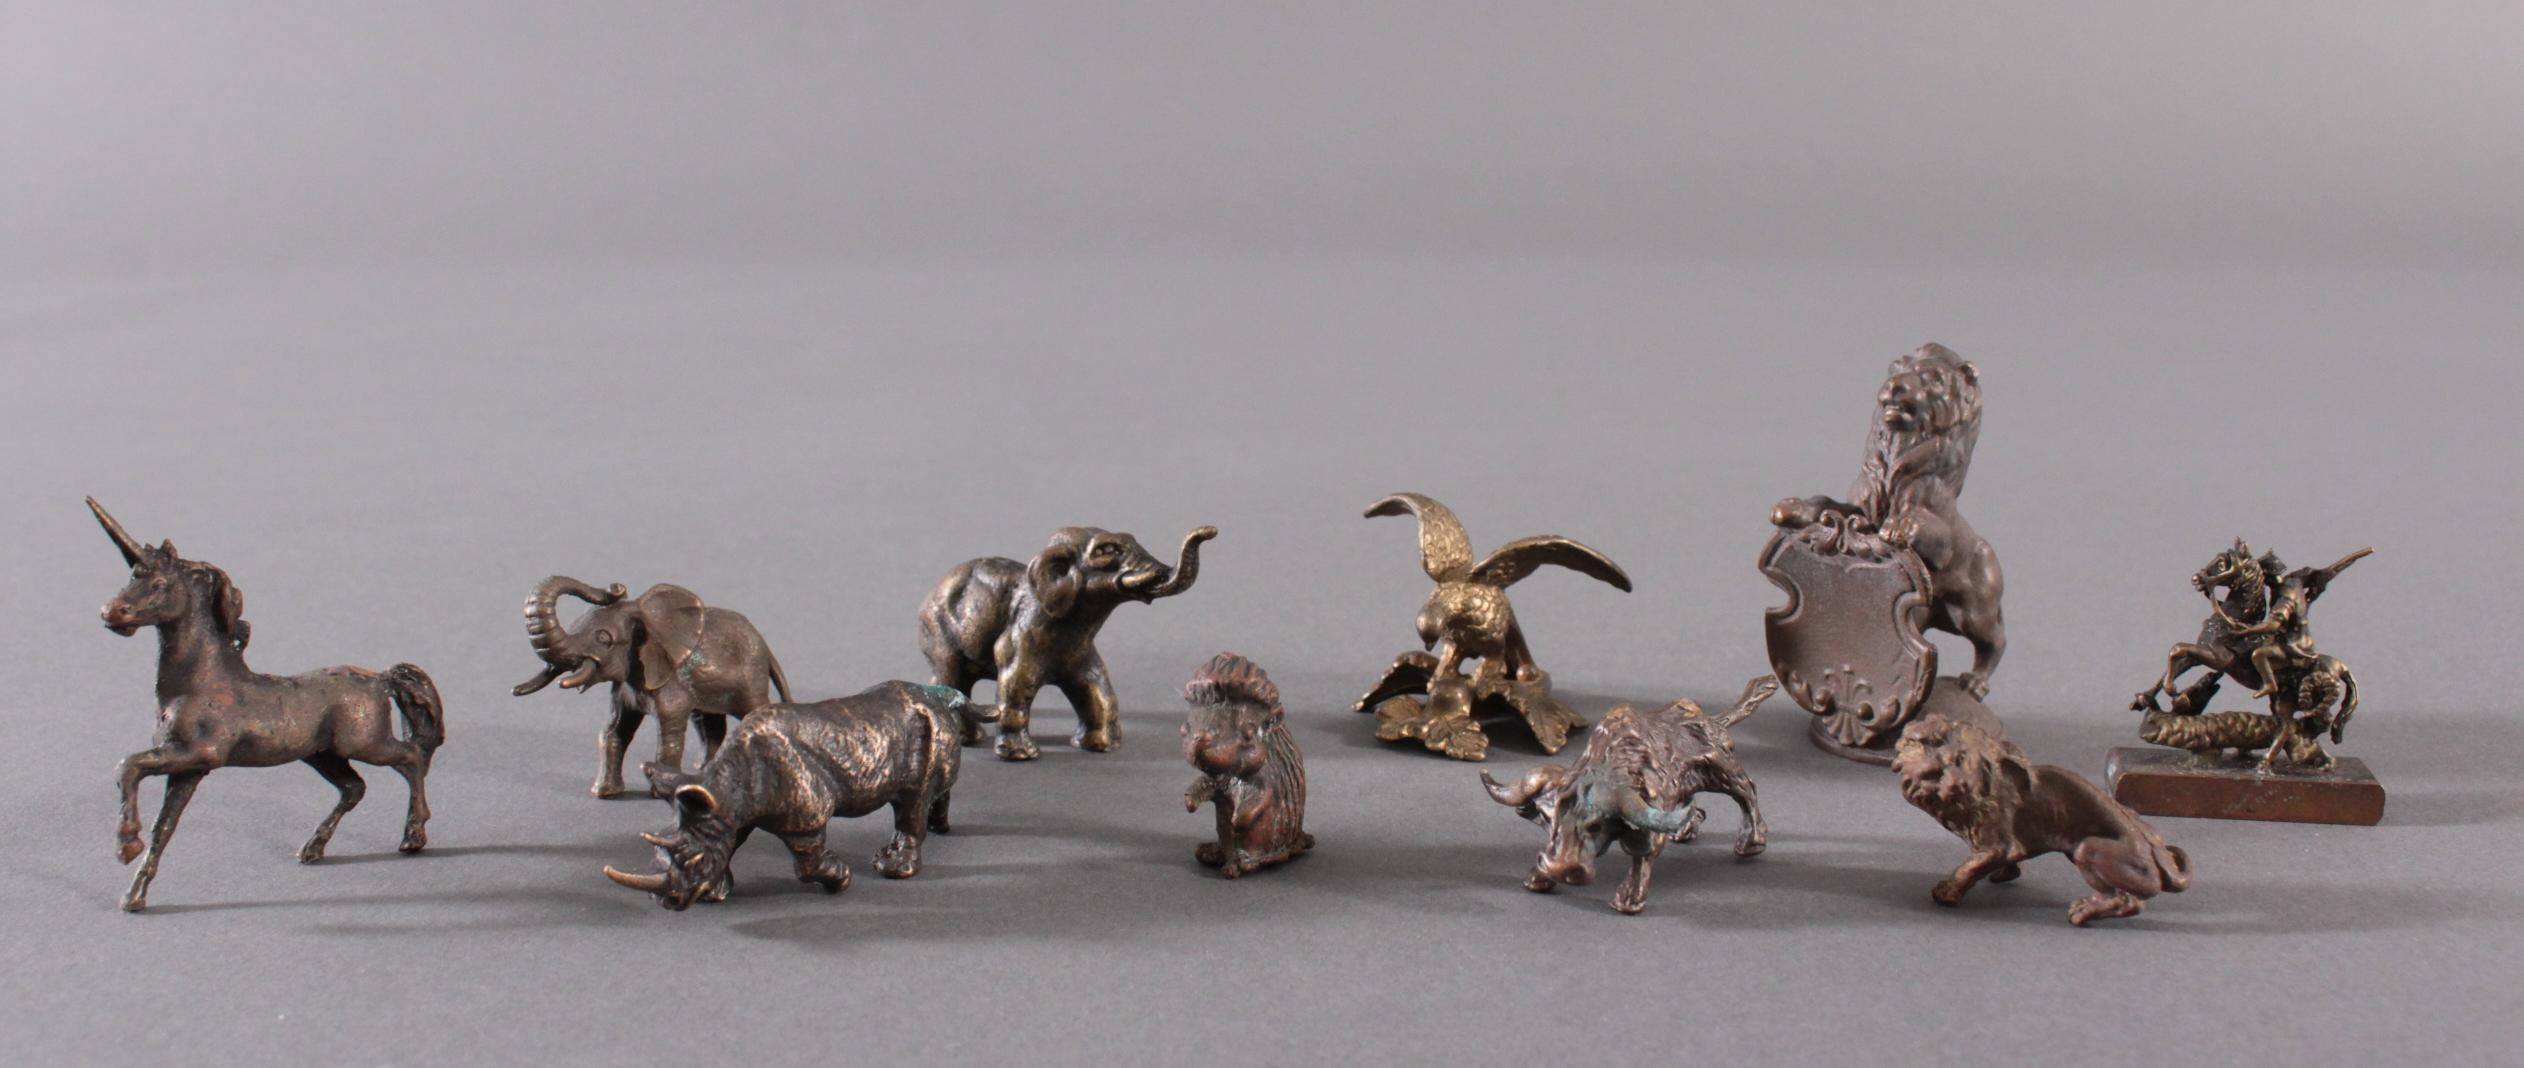 Miniatur Bronzefiguren, 10 Stück